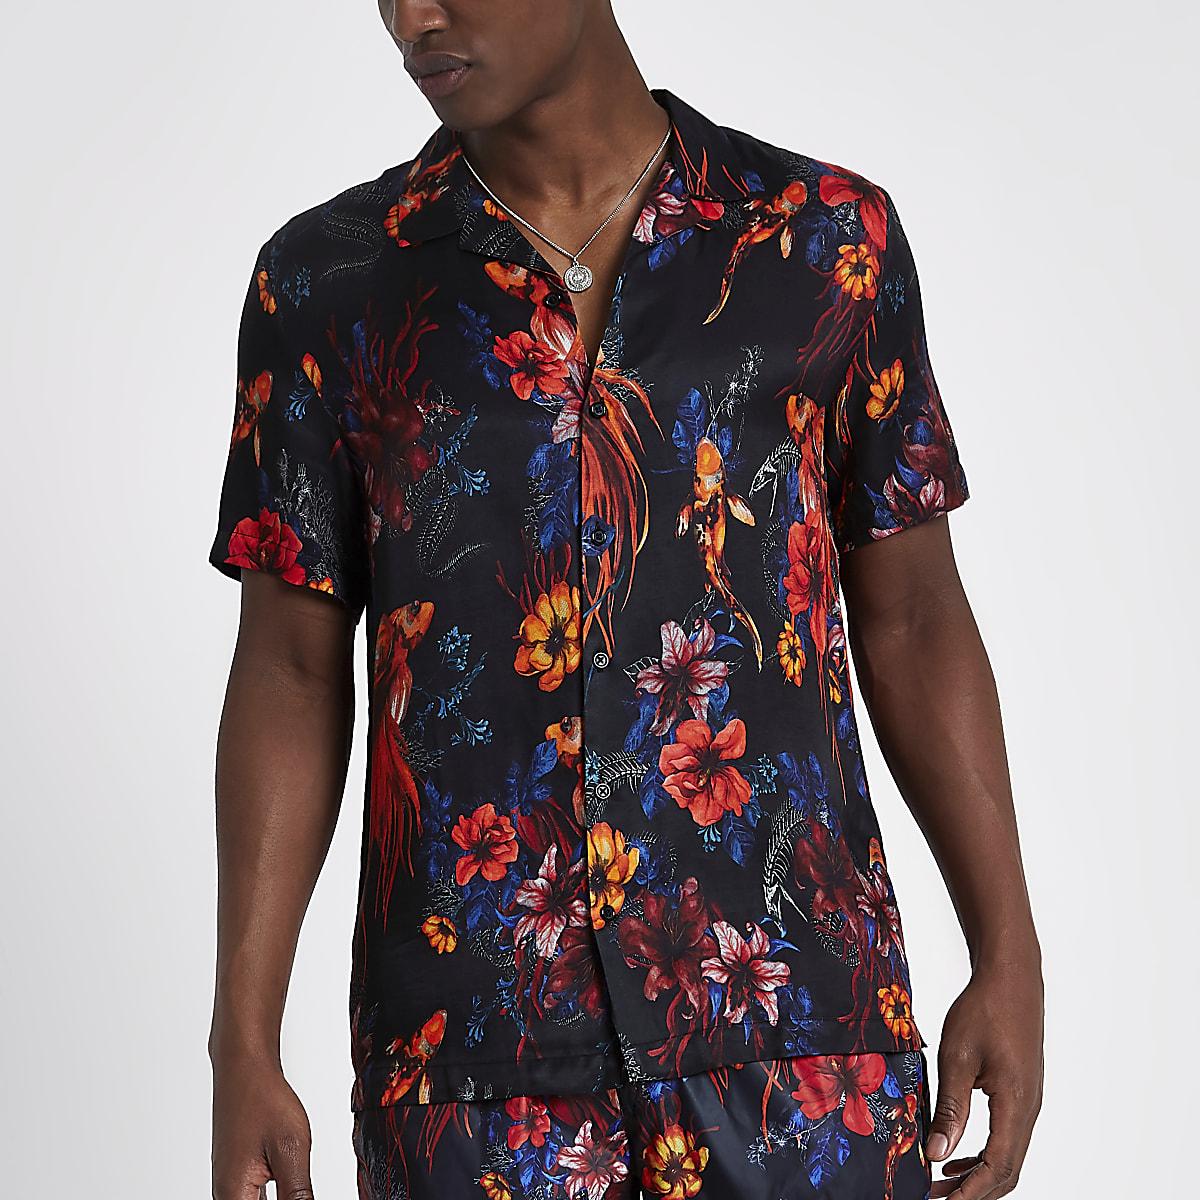 Bloemen Overhemd.Zwart Overhemd Met Bloemen En Vissenprint Korte Mouwen En